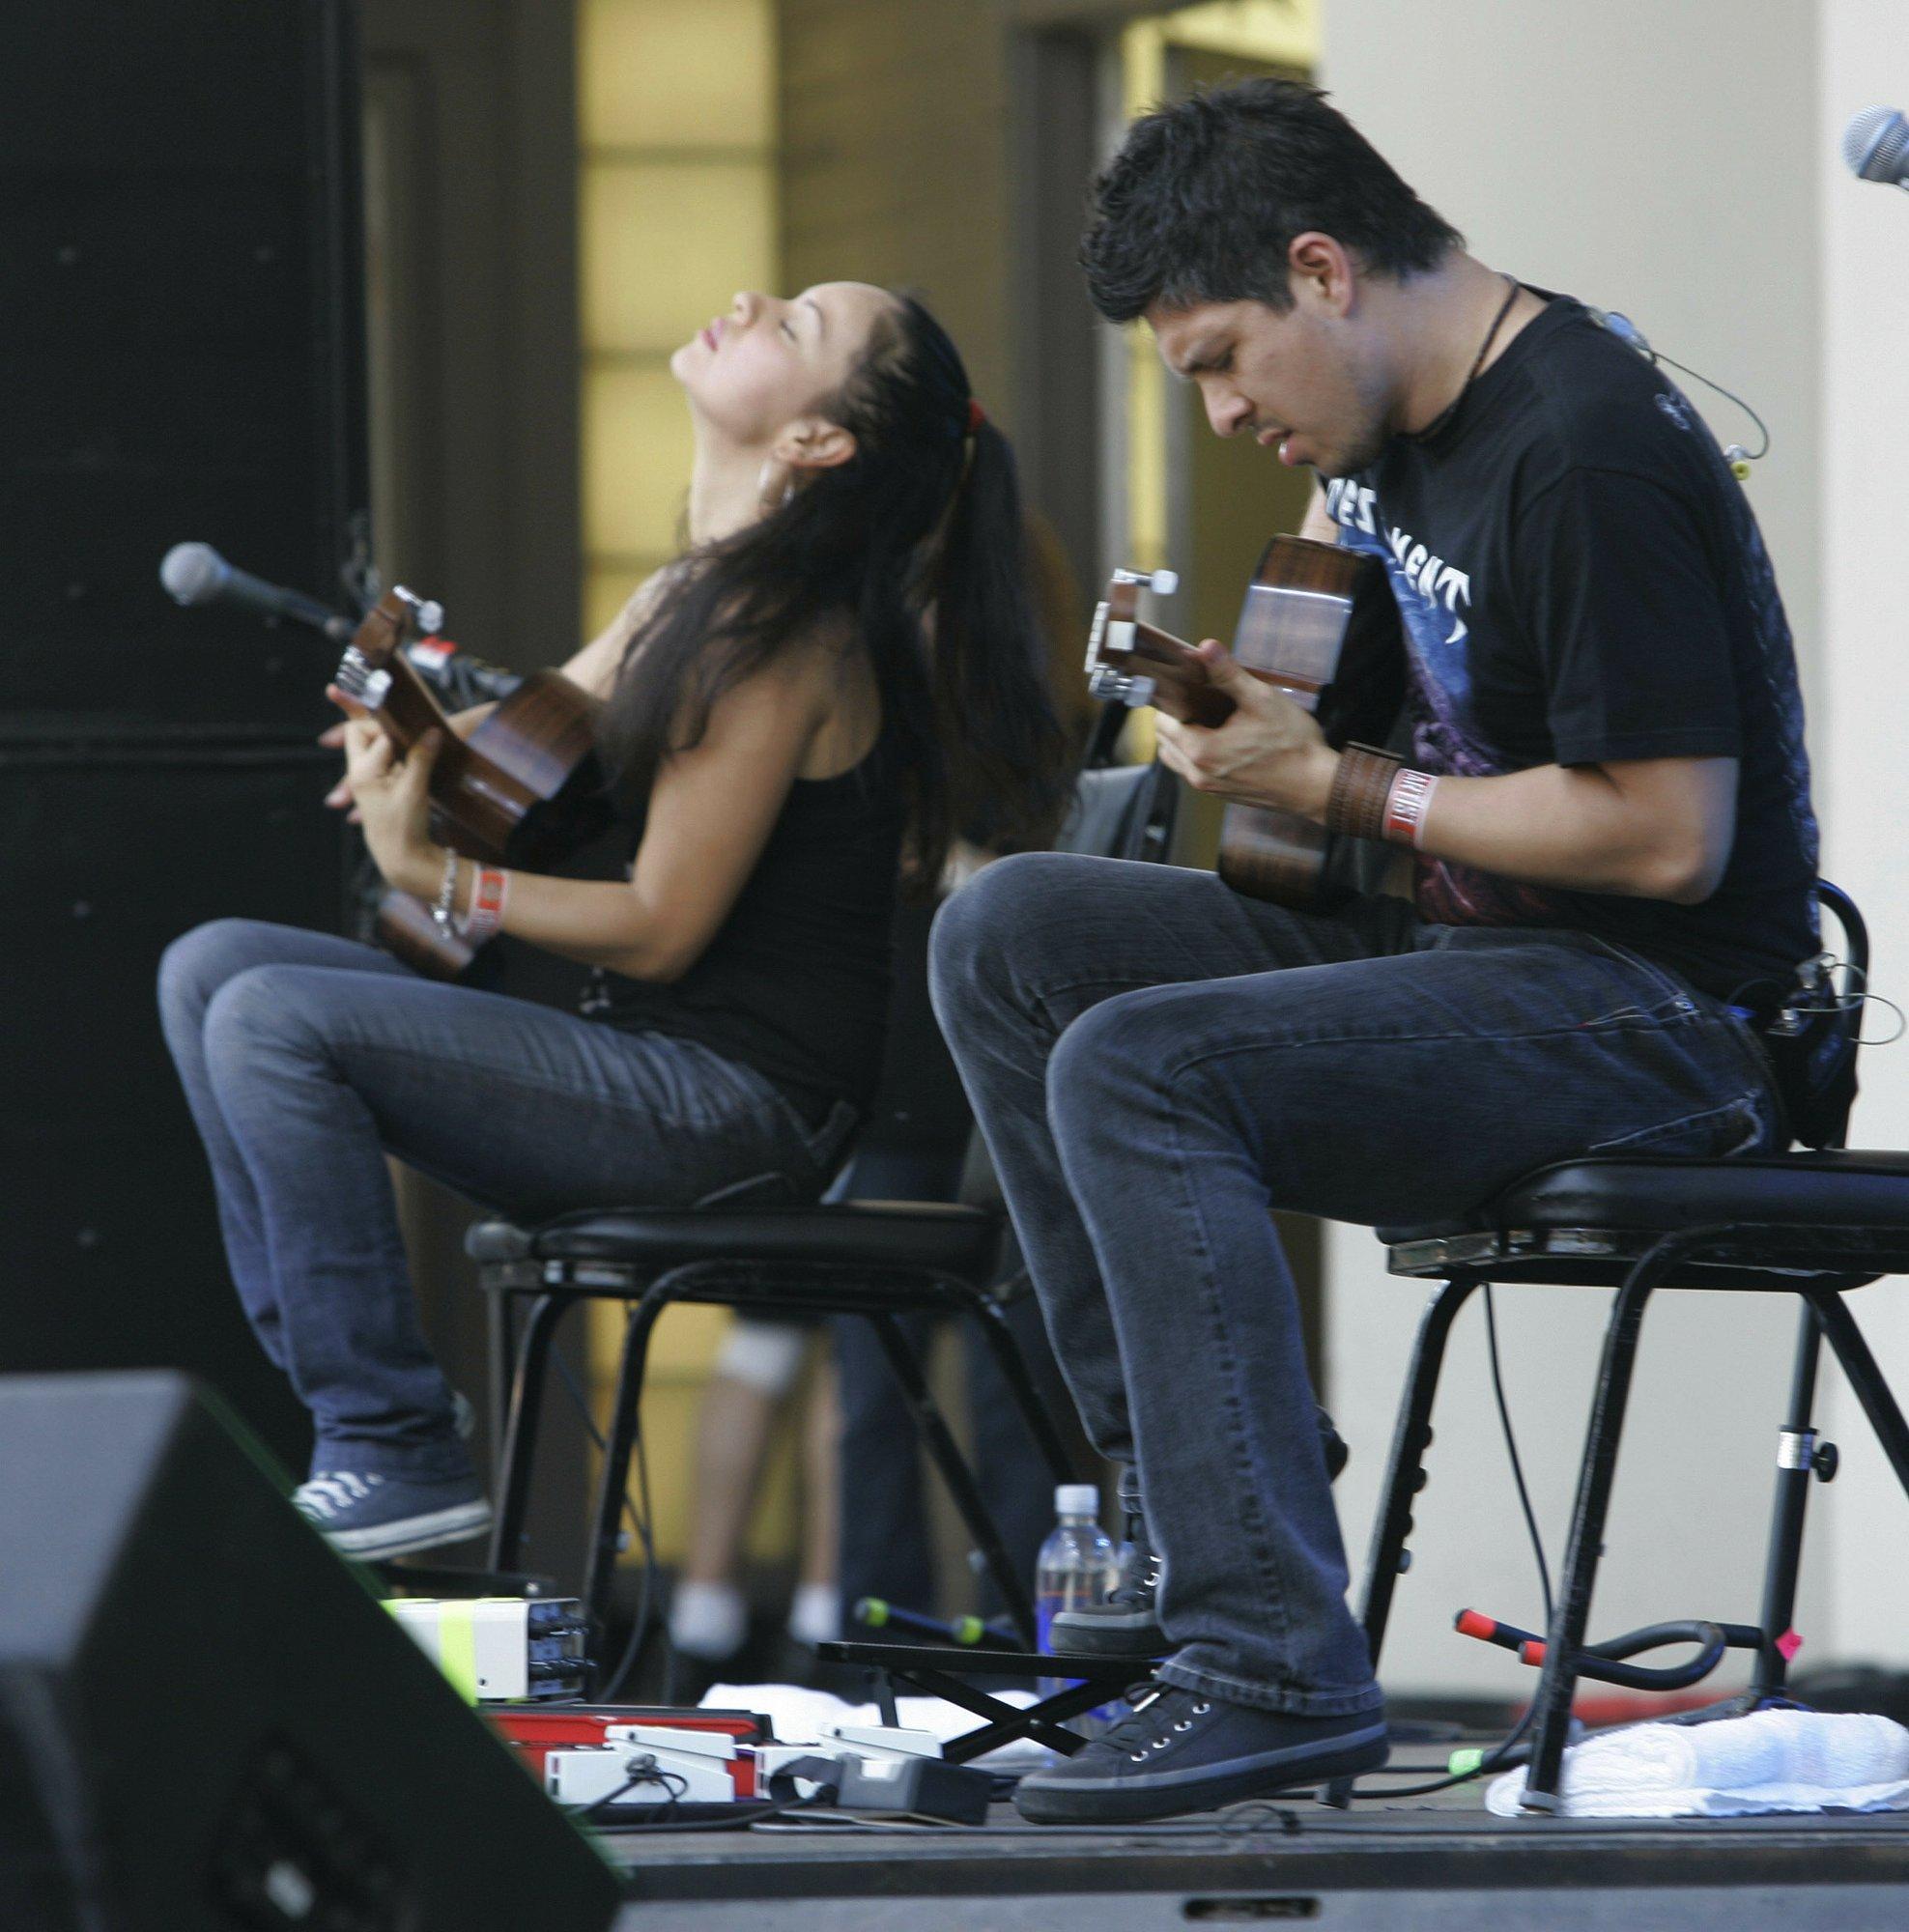 Rodrigo y Gabriela return to their roots with a new album